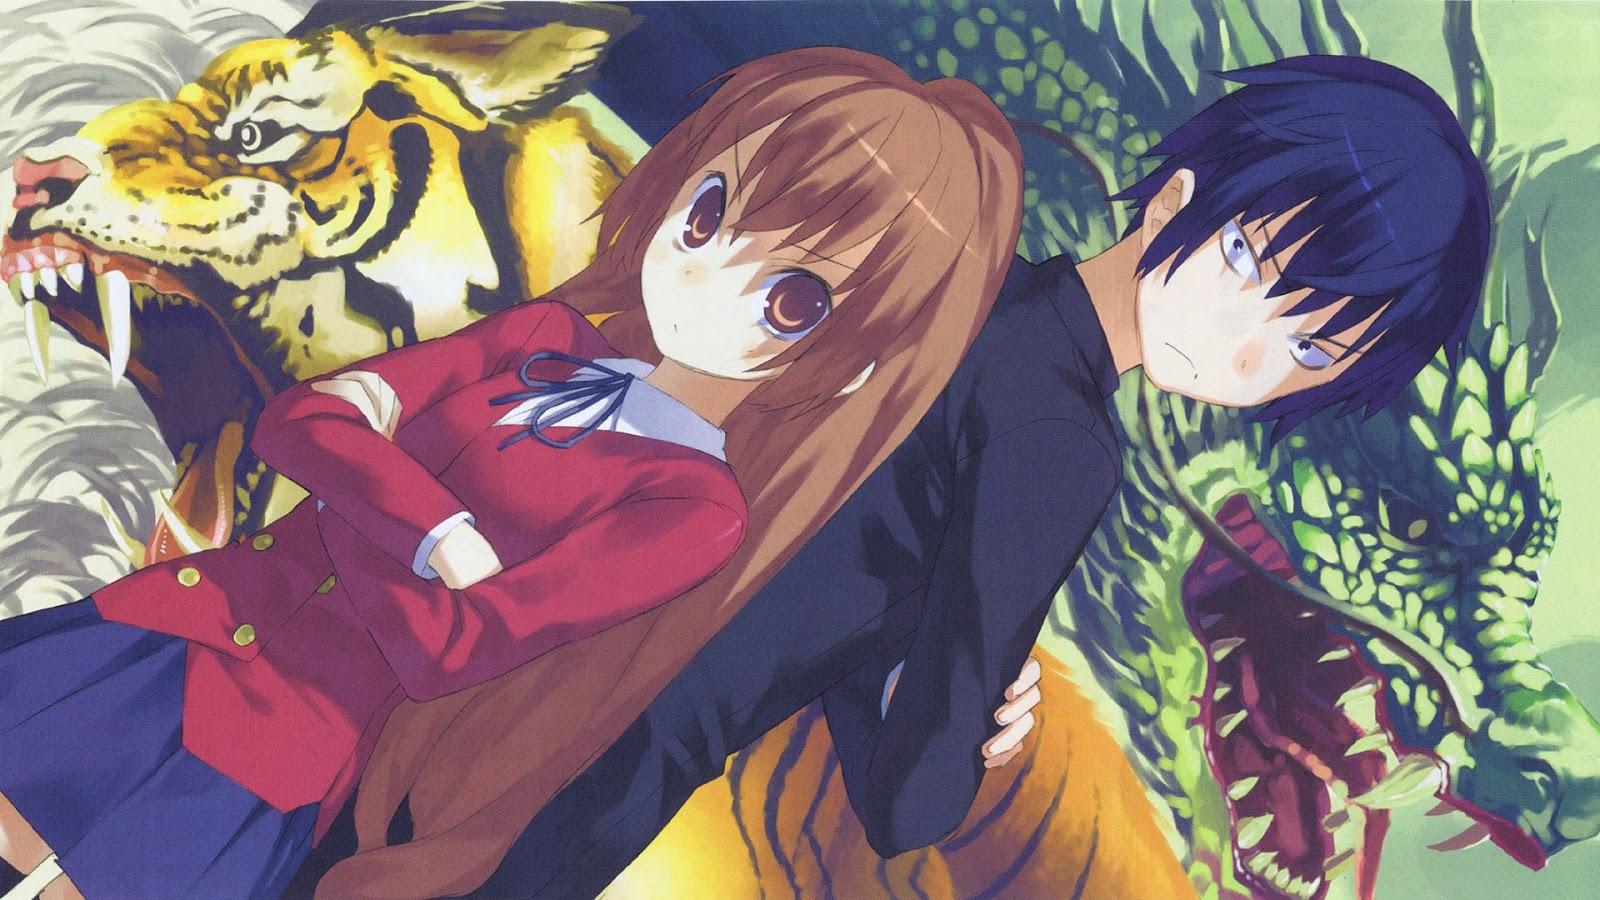 1000 images about toradora on pinterest anime tsundere - Toradora anime wallpaper ...